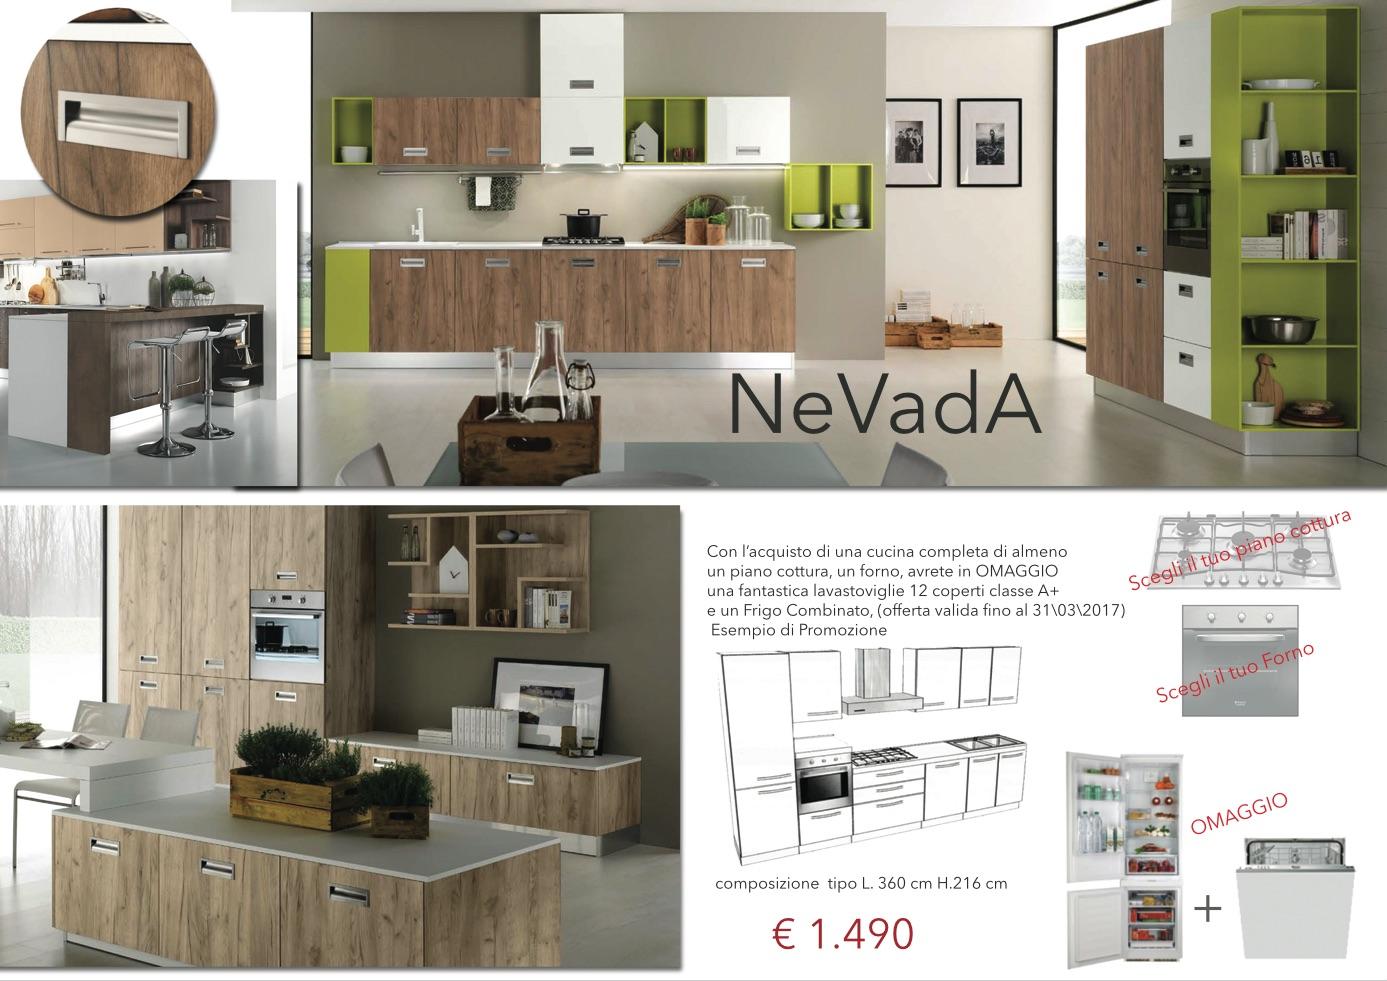 Mobili Bruni Sora Cucine - Design Per La Casa - Lxab.co